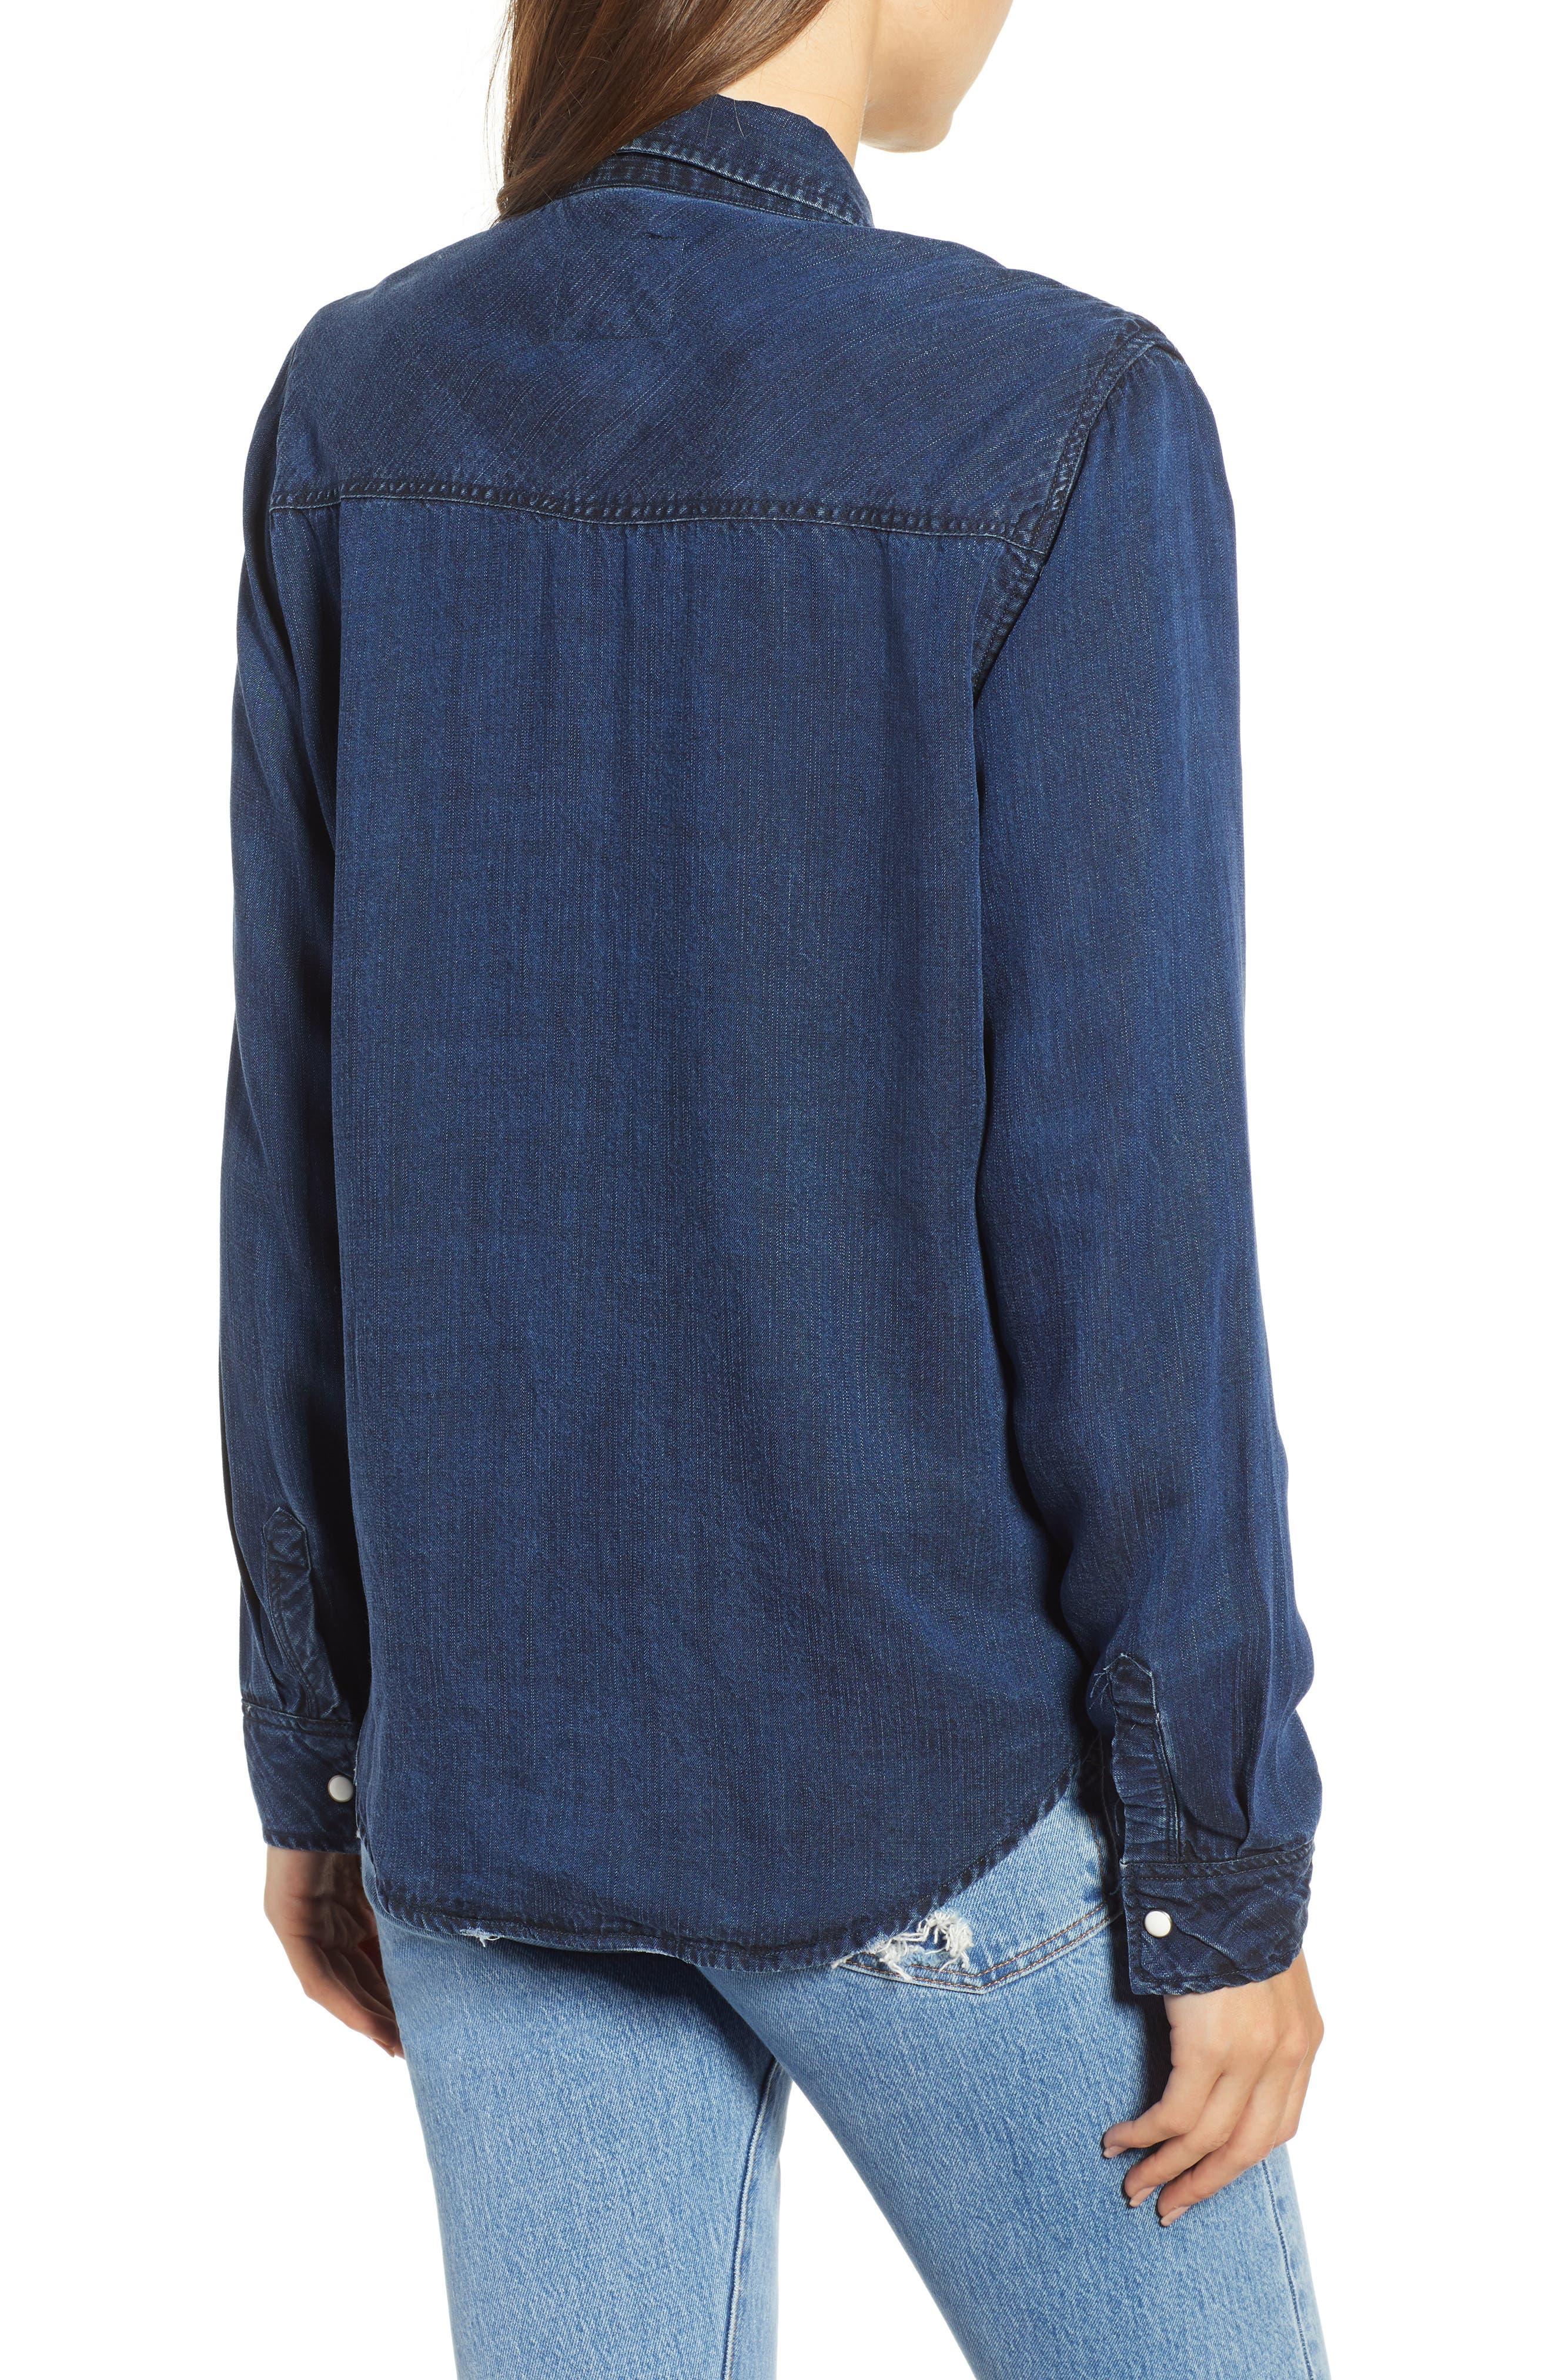 West Button Down Shirt,                             Alternate thumbnail 2, color,                             DARK VINTAGE LAPIS COAST WHITE